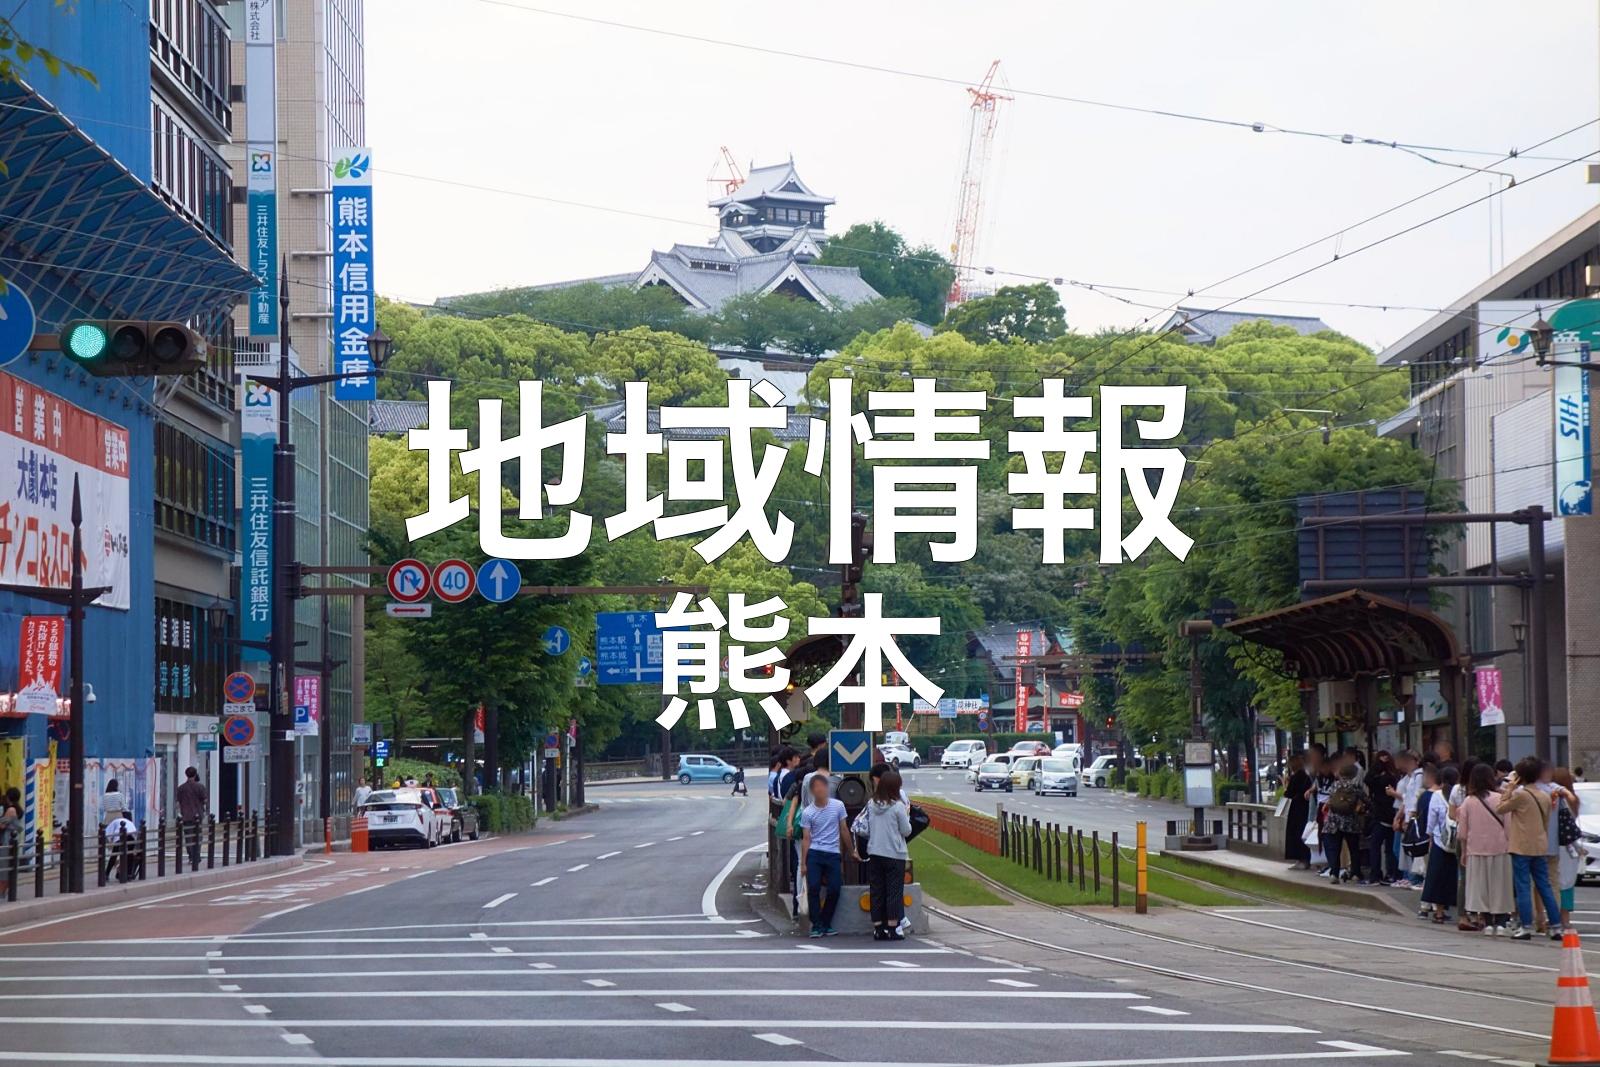 地域情報-熊本 タイトル